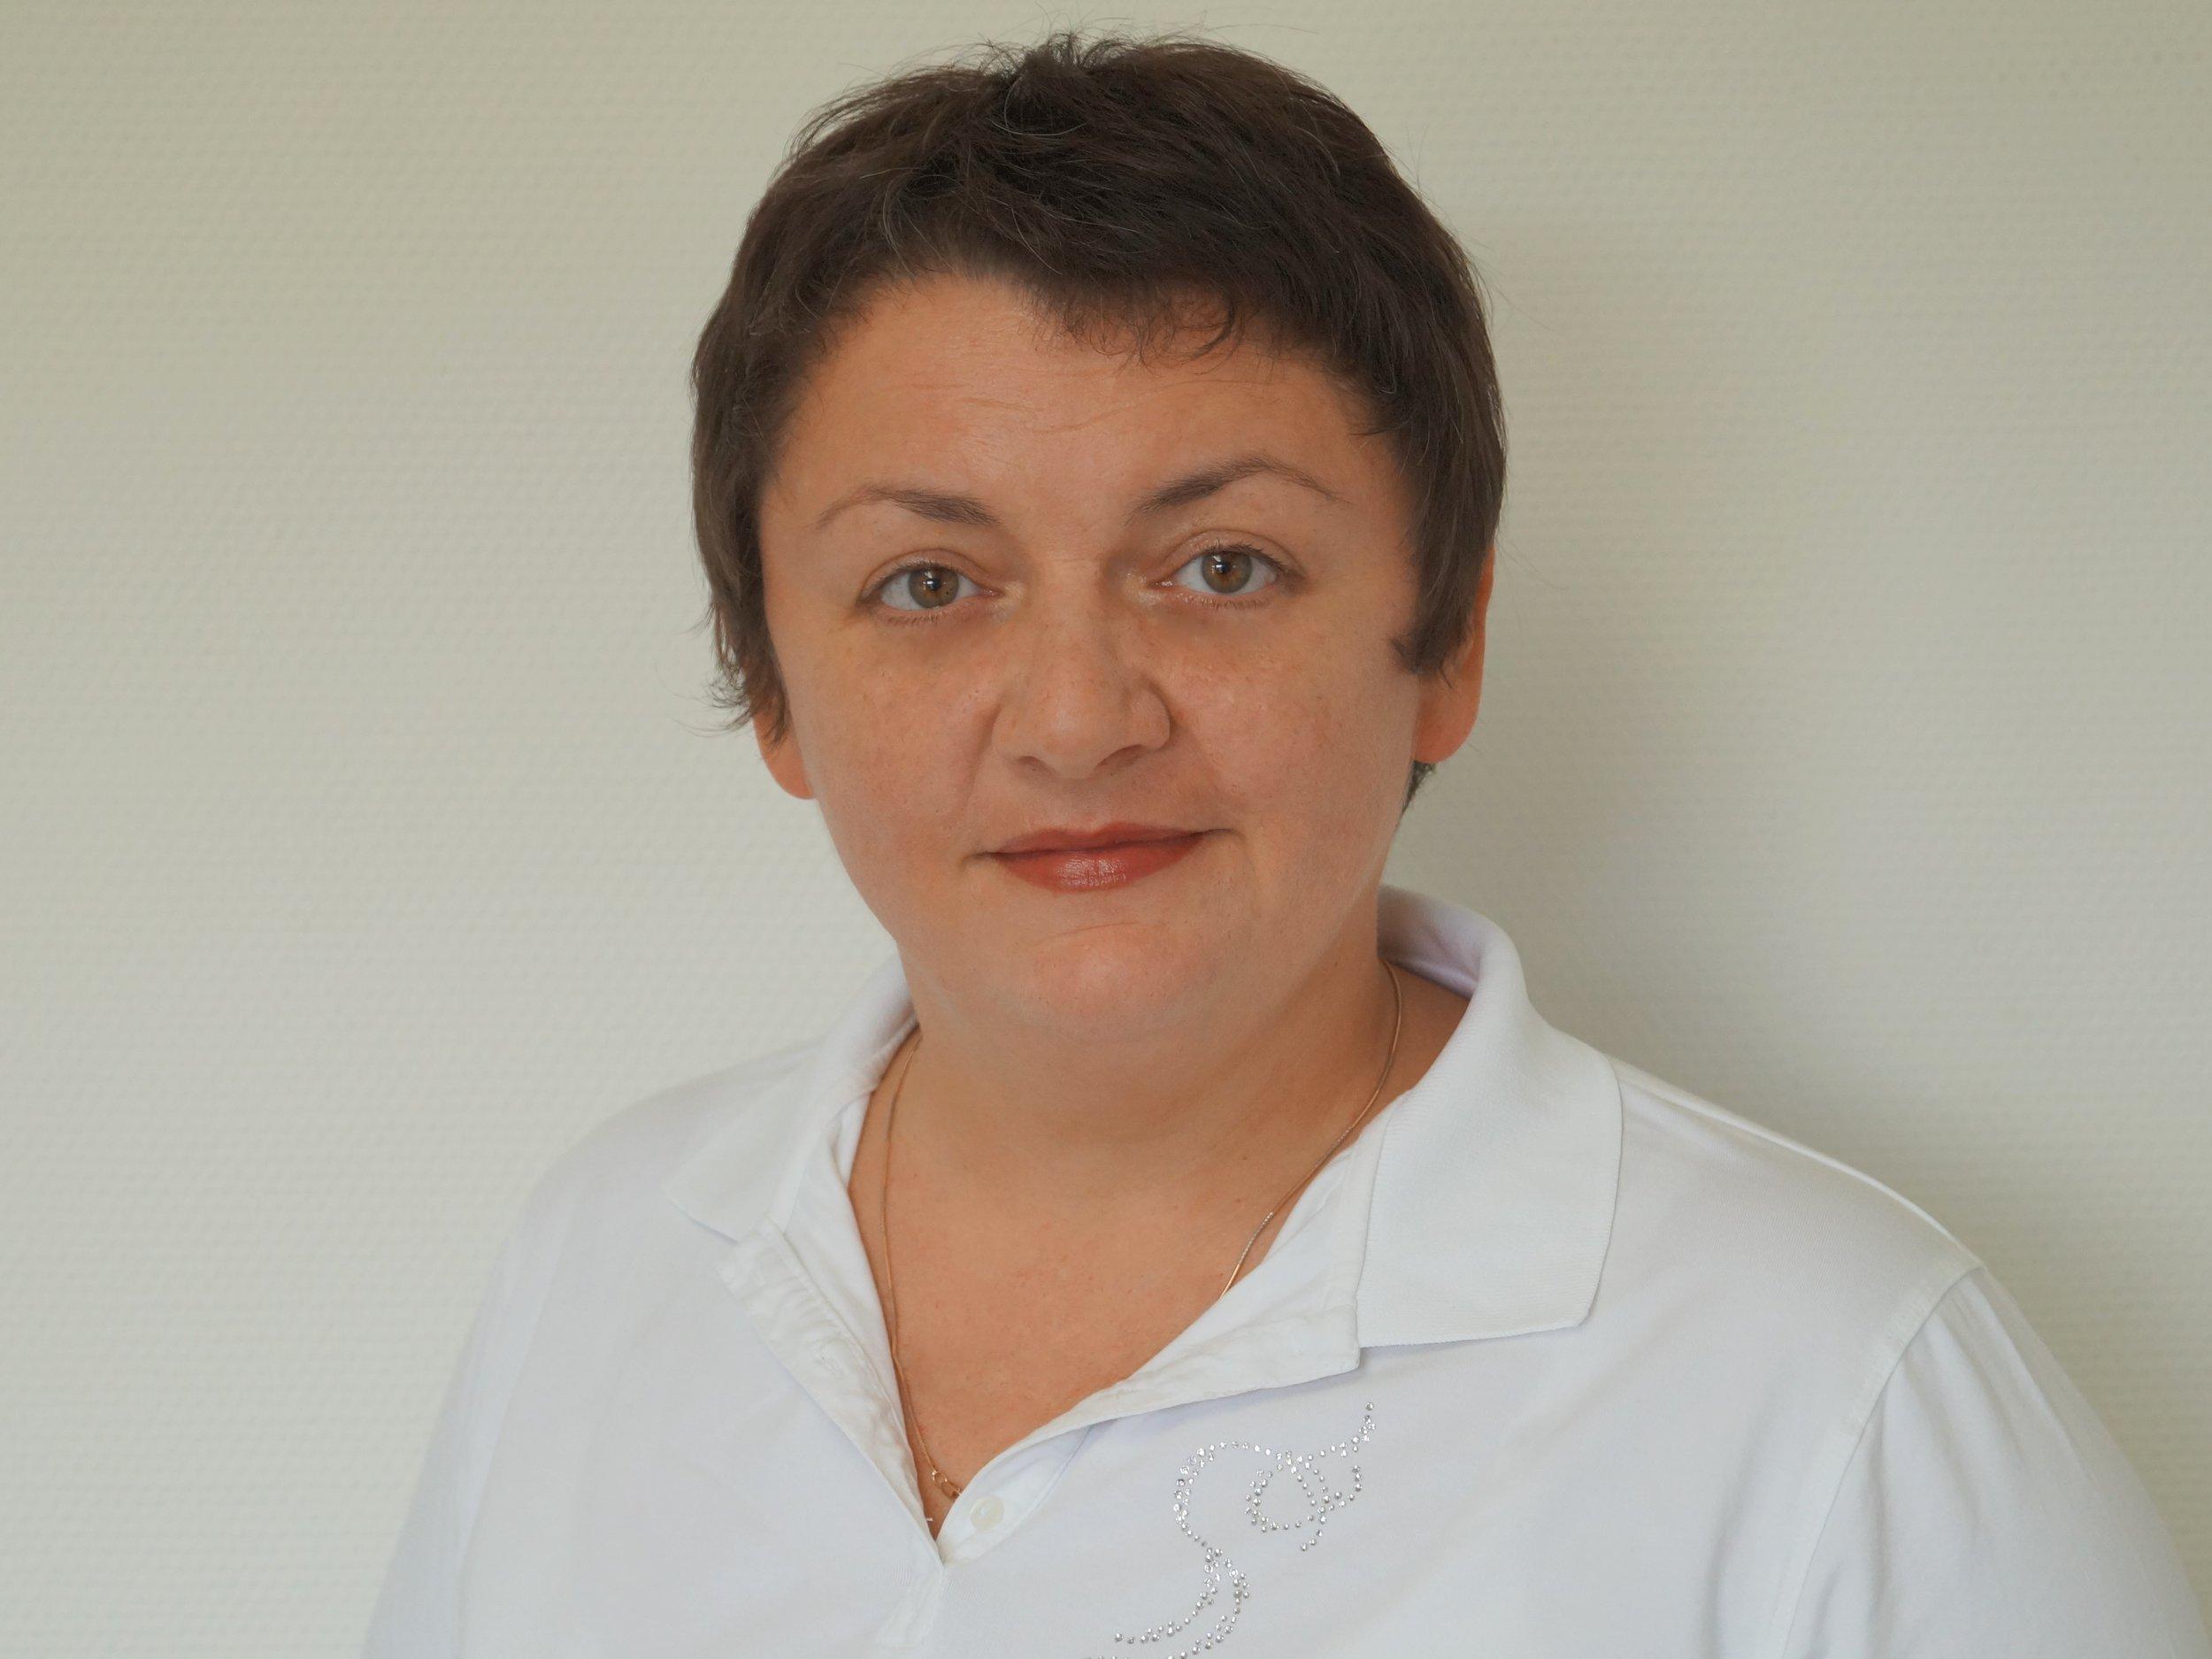 Врач - Стоматолог - Выпускница стоматологического отделения Национального медицинского университета имени А. А. Богомольца.Более 20 лет опыта работы в Украине и Германии.